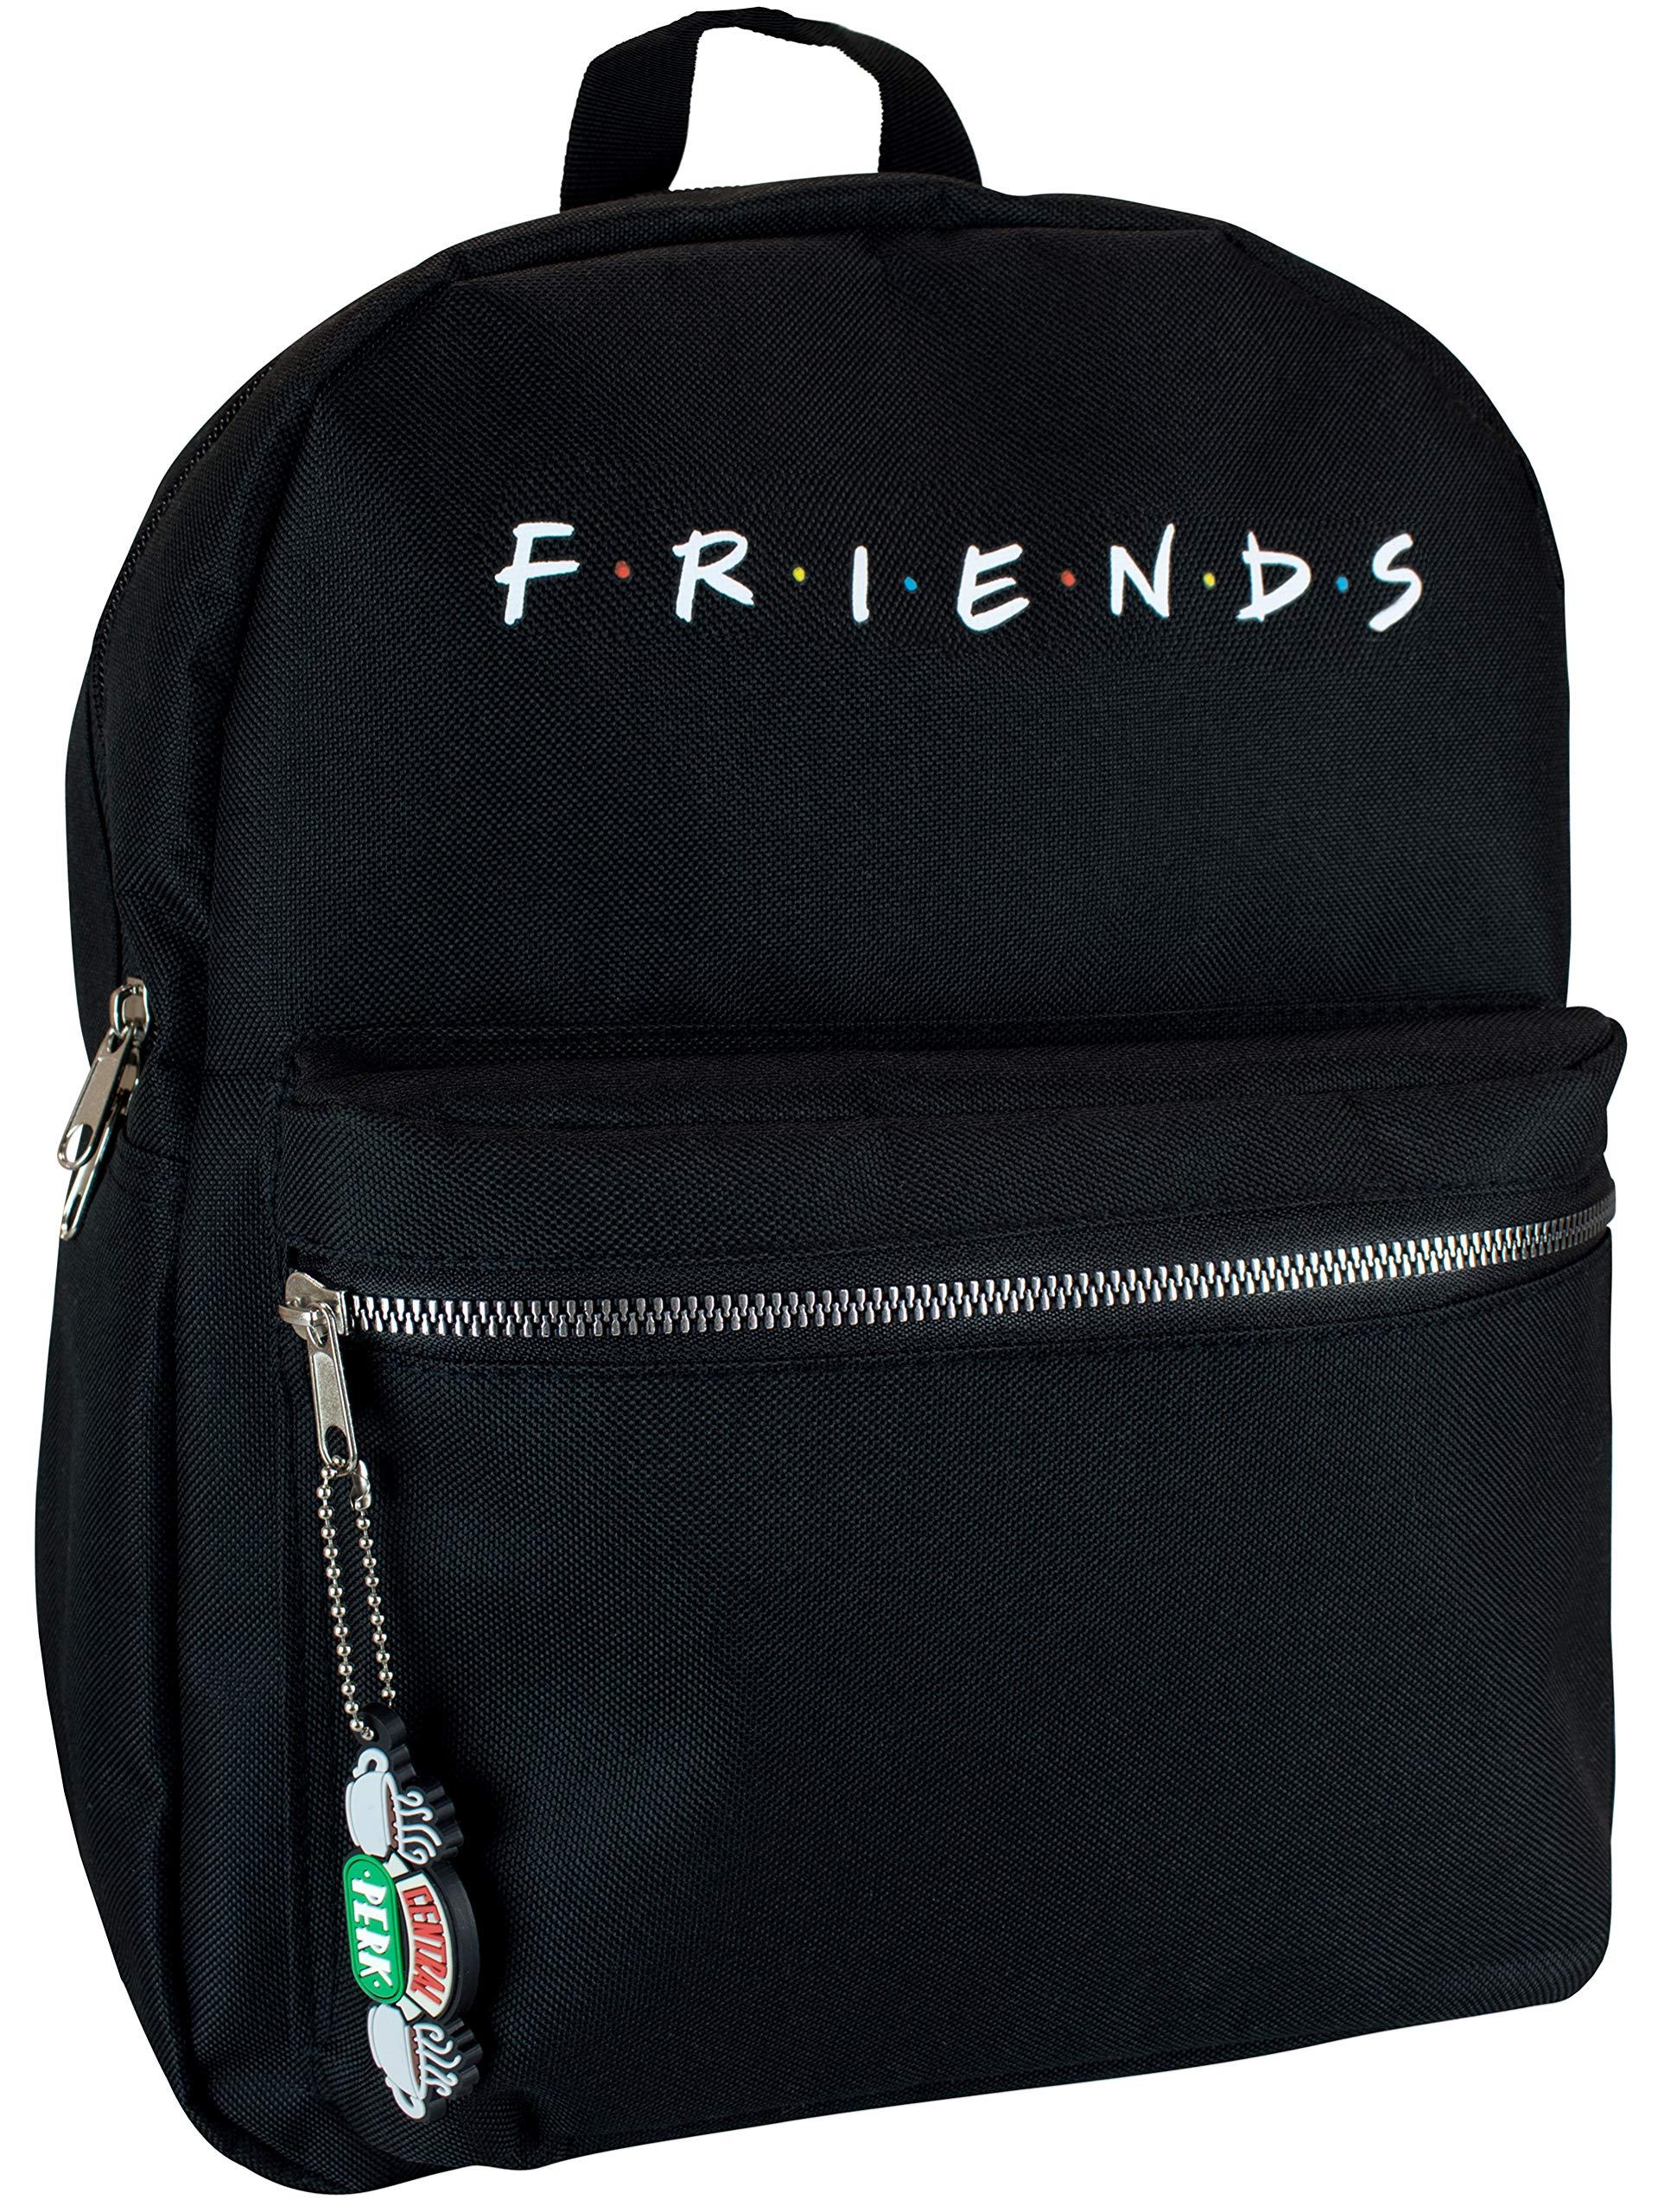 ویکالا · خرید  اصل اورجینال · خرید از آمازون · Friends Womens Backpack Central Perk wekala · ویکالا